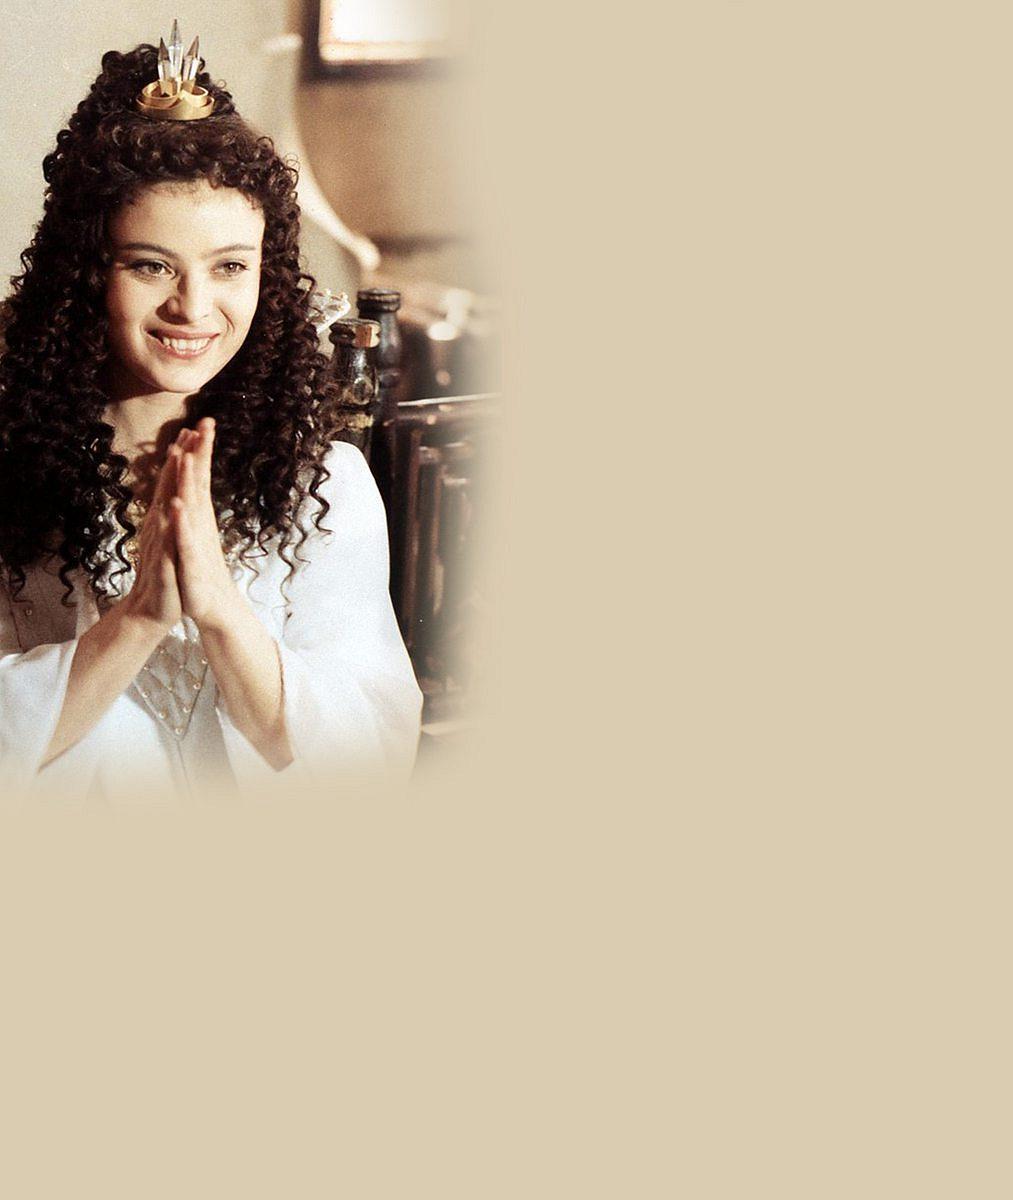 Jak dnes vypadají oblíbené pohádkové princezny? Mrkněte, jak to sluší Jasněnce, Adélce či princezně ze skal